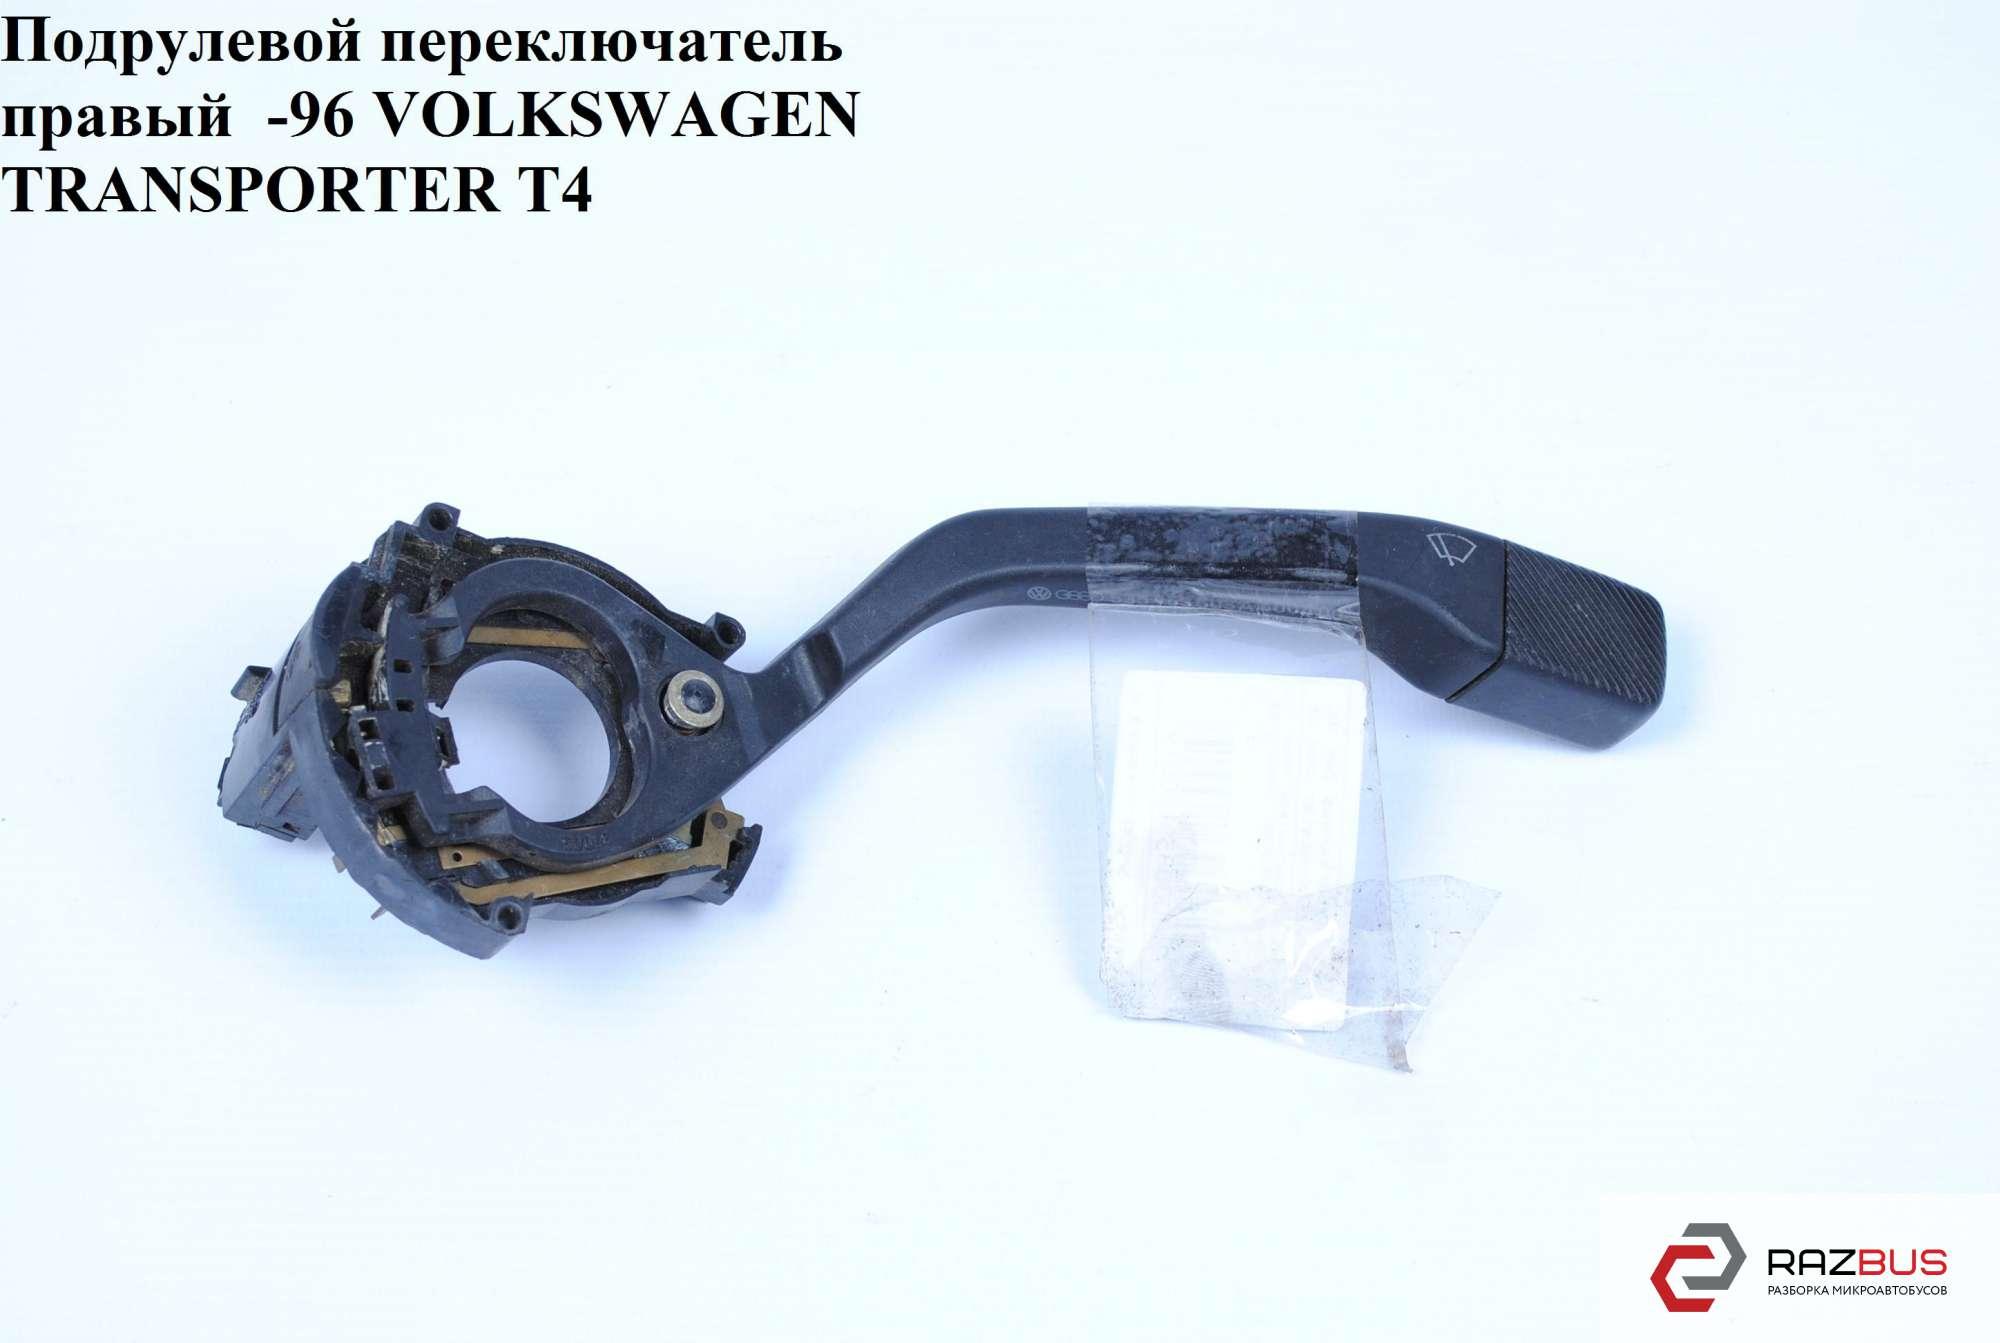 701953519, 70953503 Подрулевой переключатель правый -96 VOLKSWAGEN TRANSPORTER T4 1990-2003г